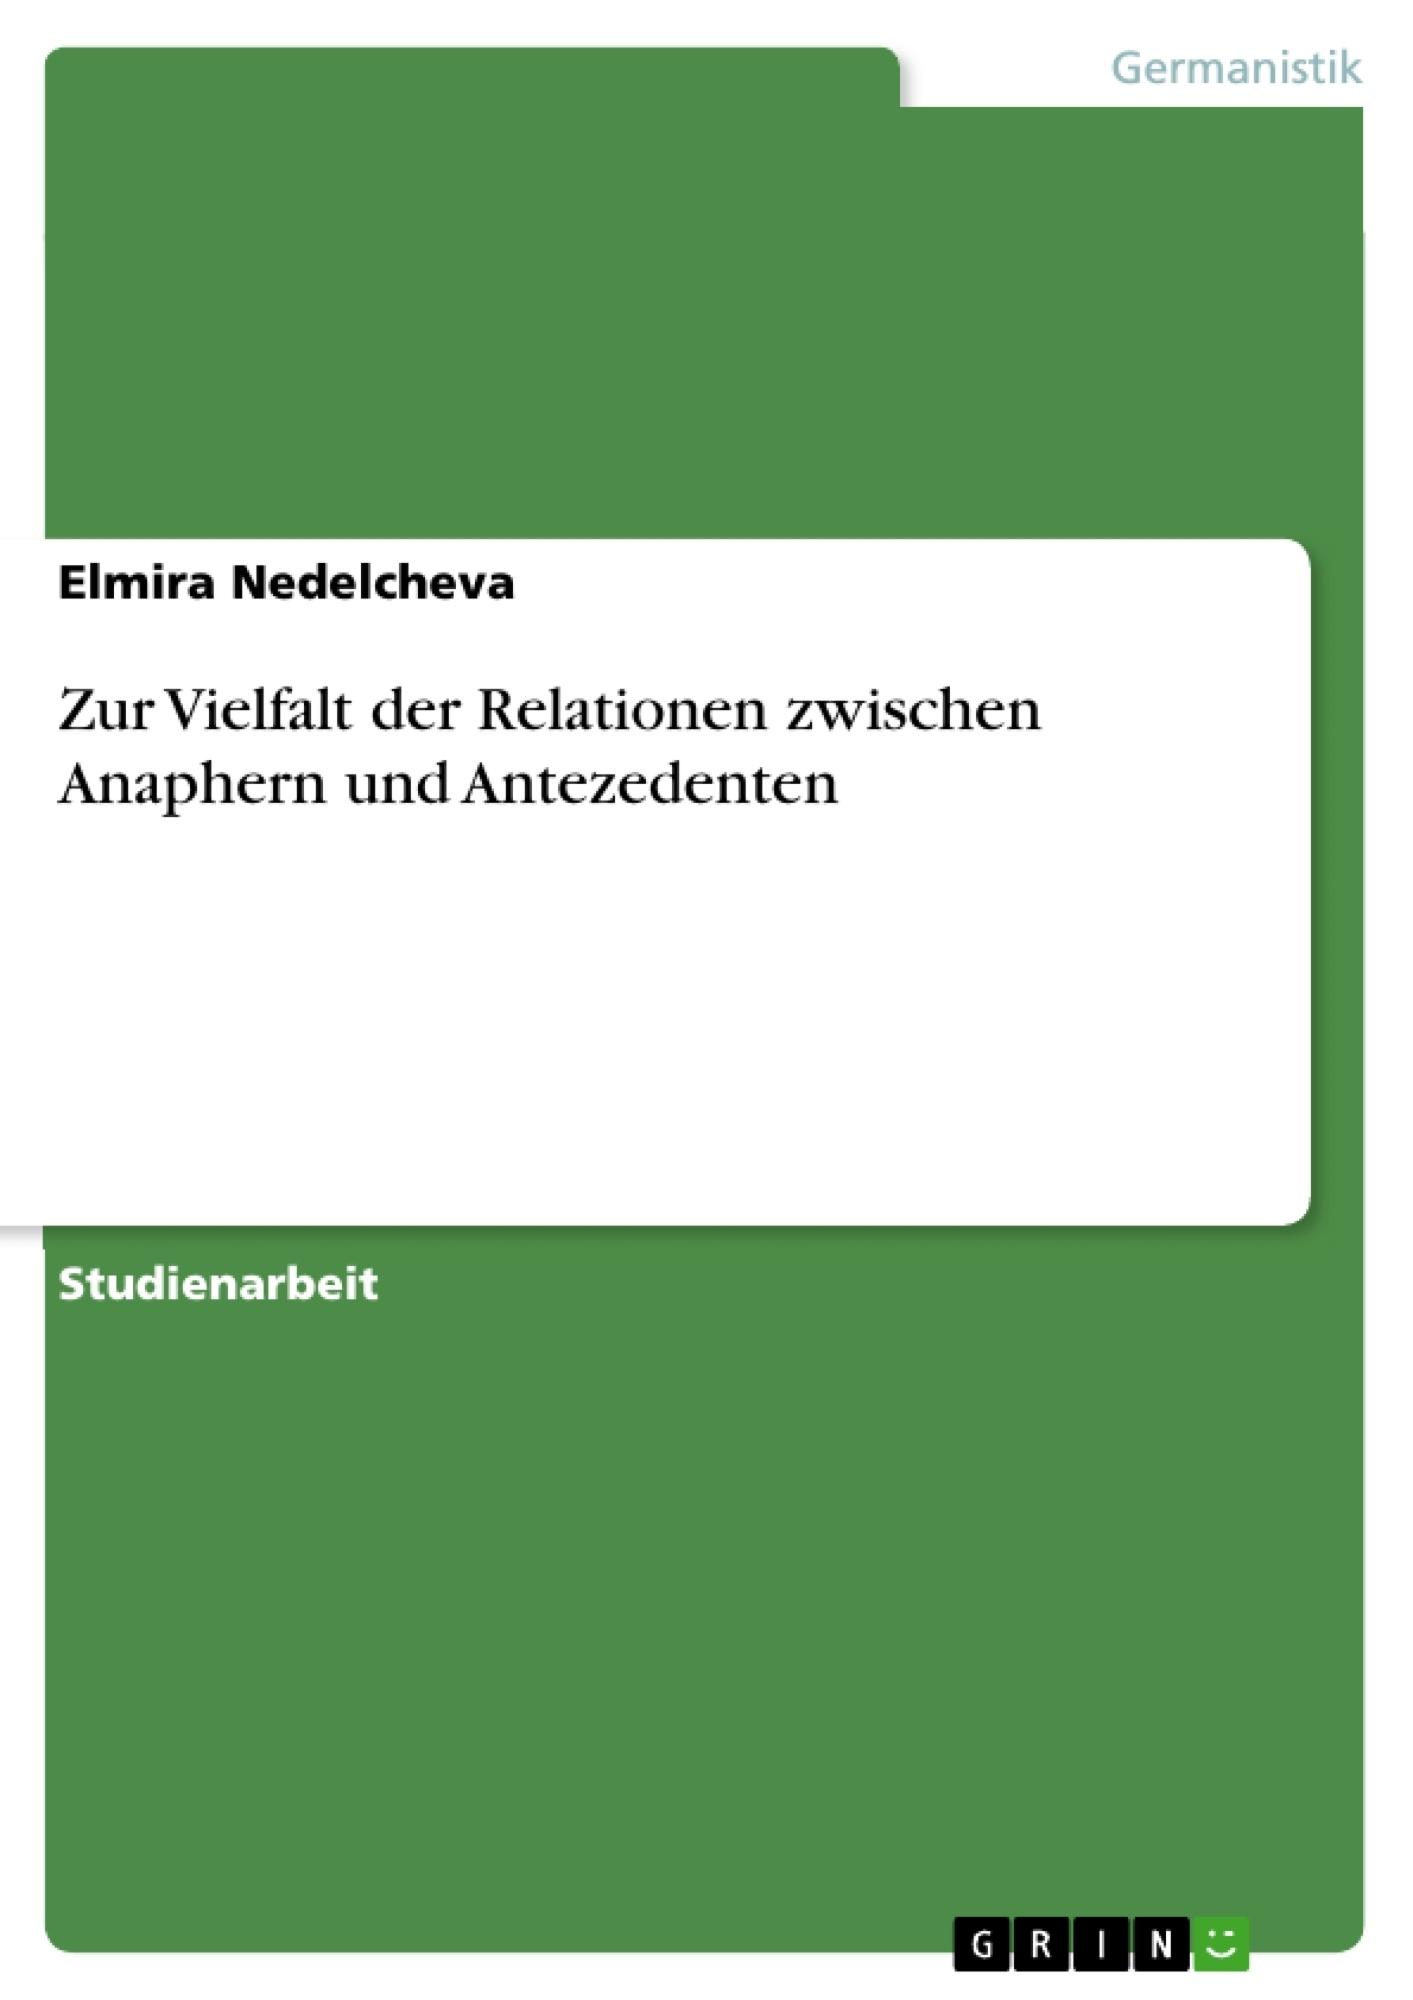 Titel: Zur Vielfalt der Relationen zwischen Anaphern und Antezedenten